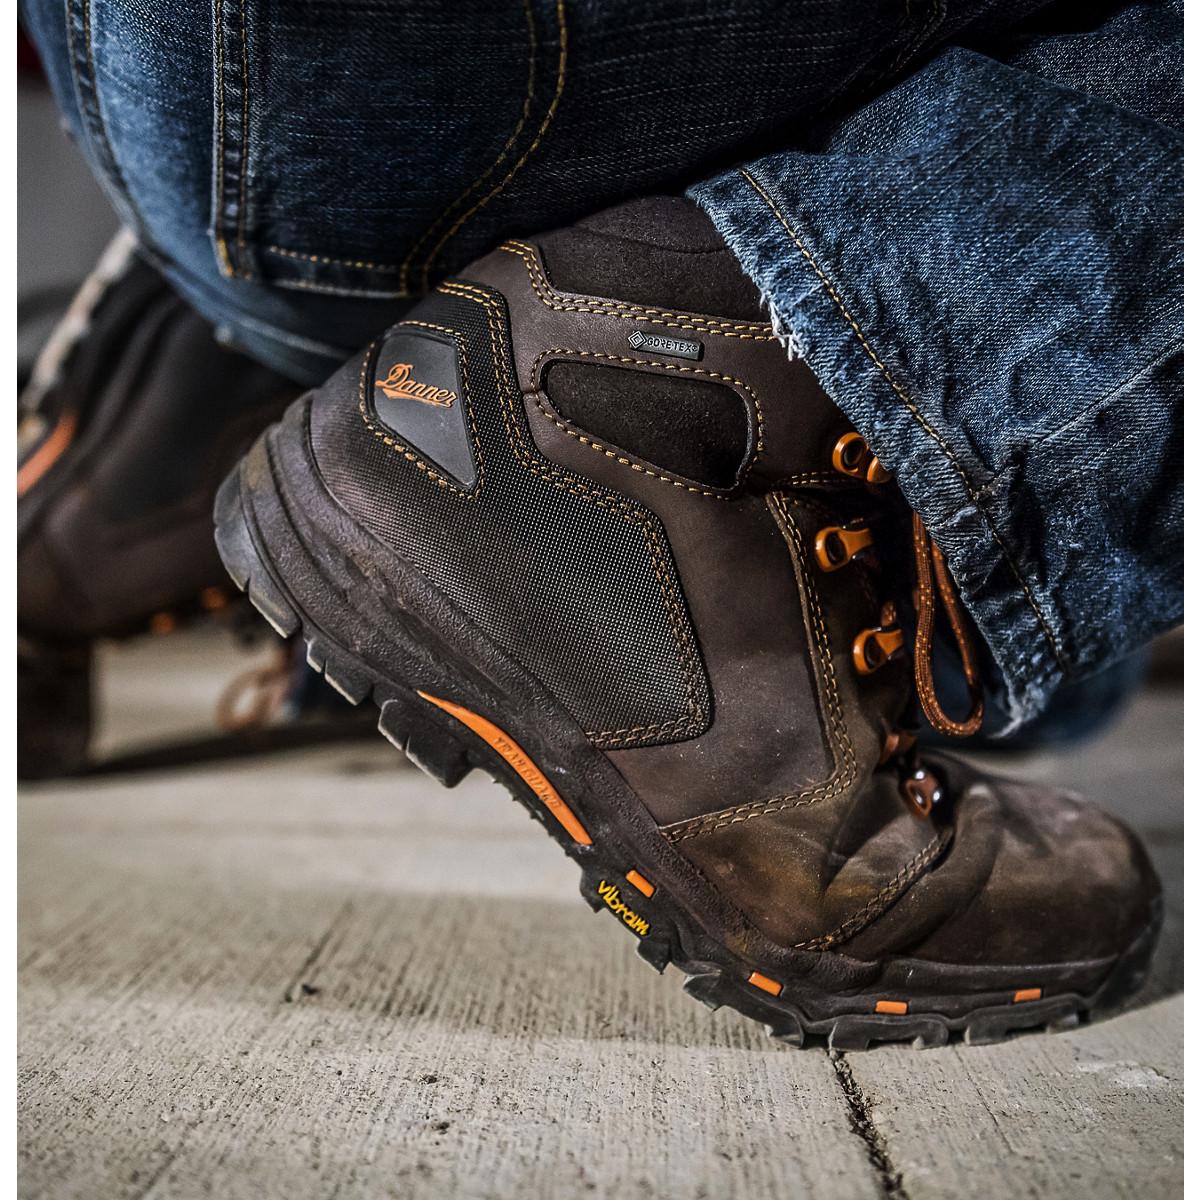 Danner Vicious 4 5 Quot Brown Orange Composite Toe Nmt